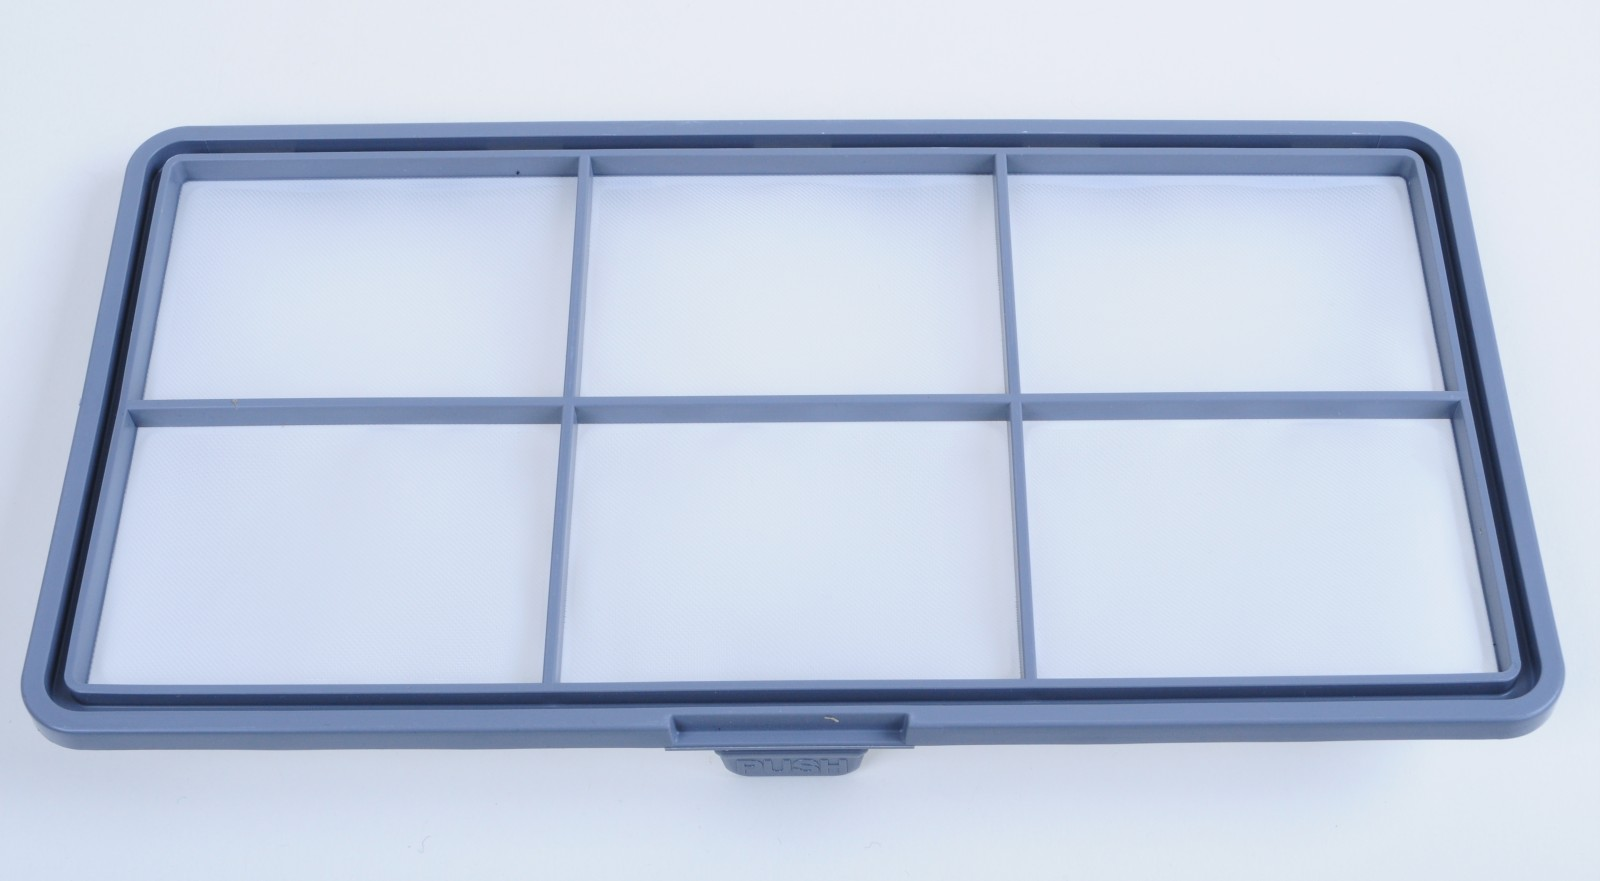 aeg electrolux flusenfilter flusensieb w schetrockner. Black Bedroom Furniture Sets. Home Design Ideas